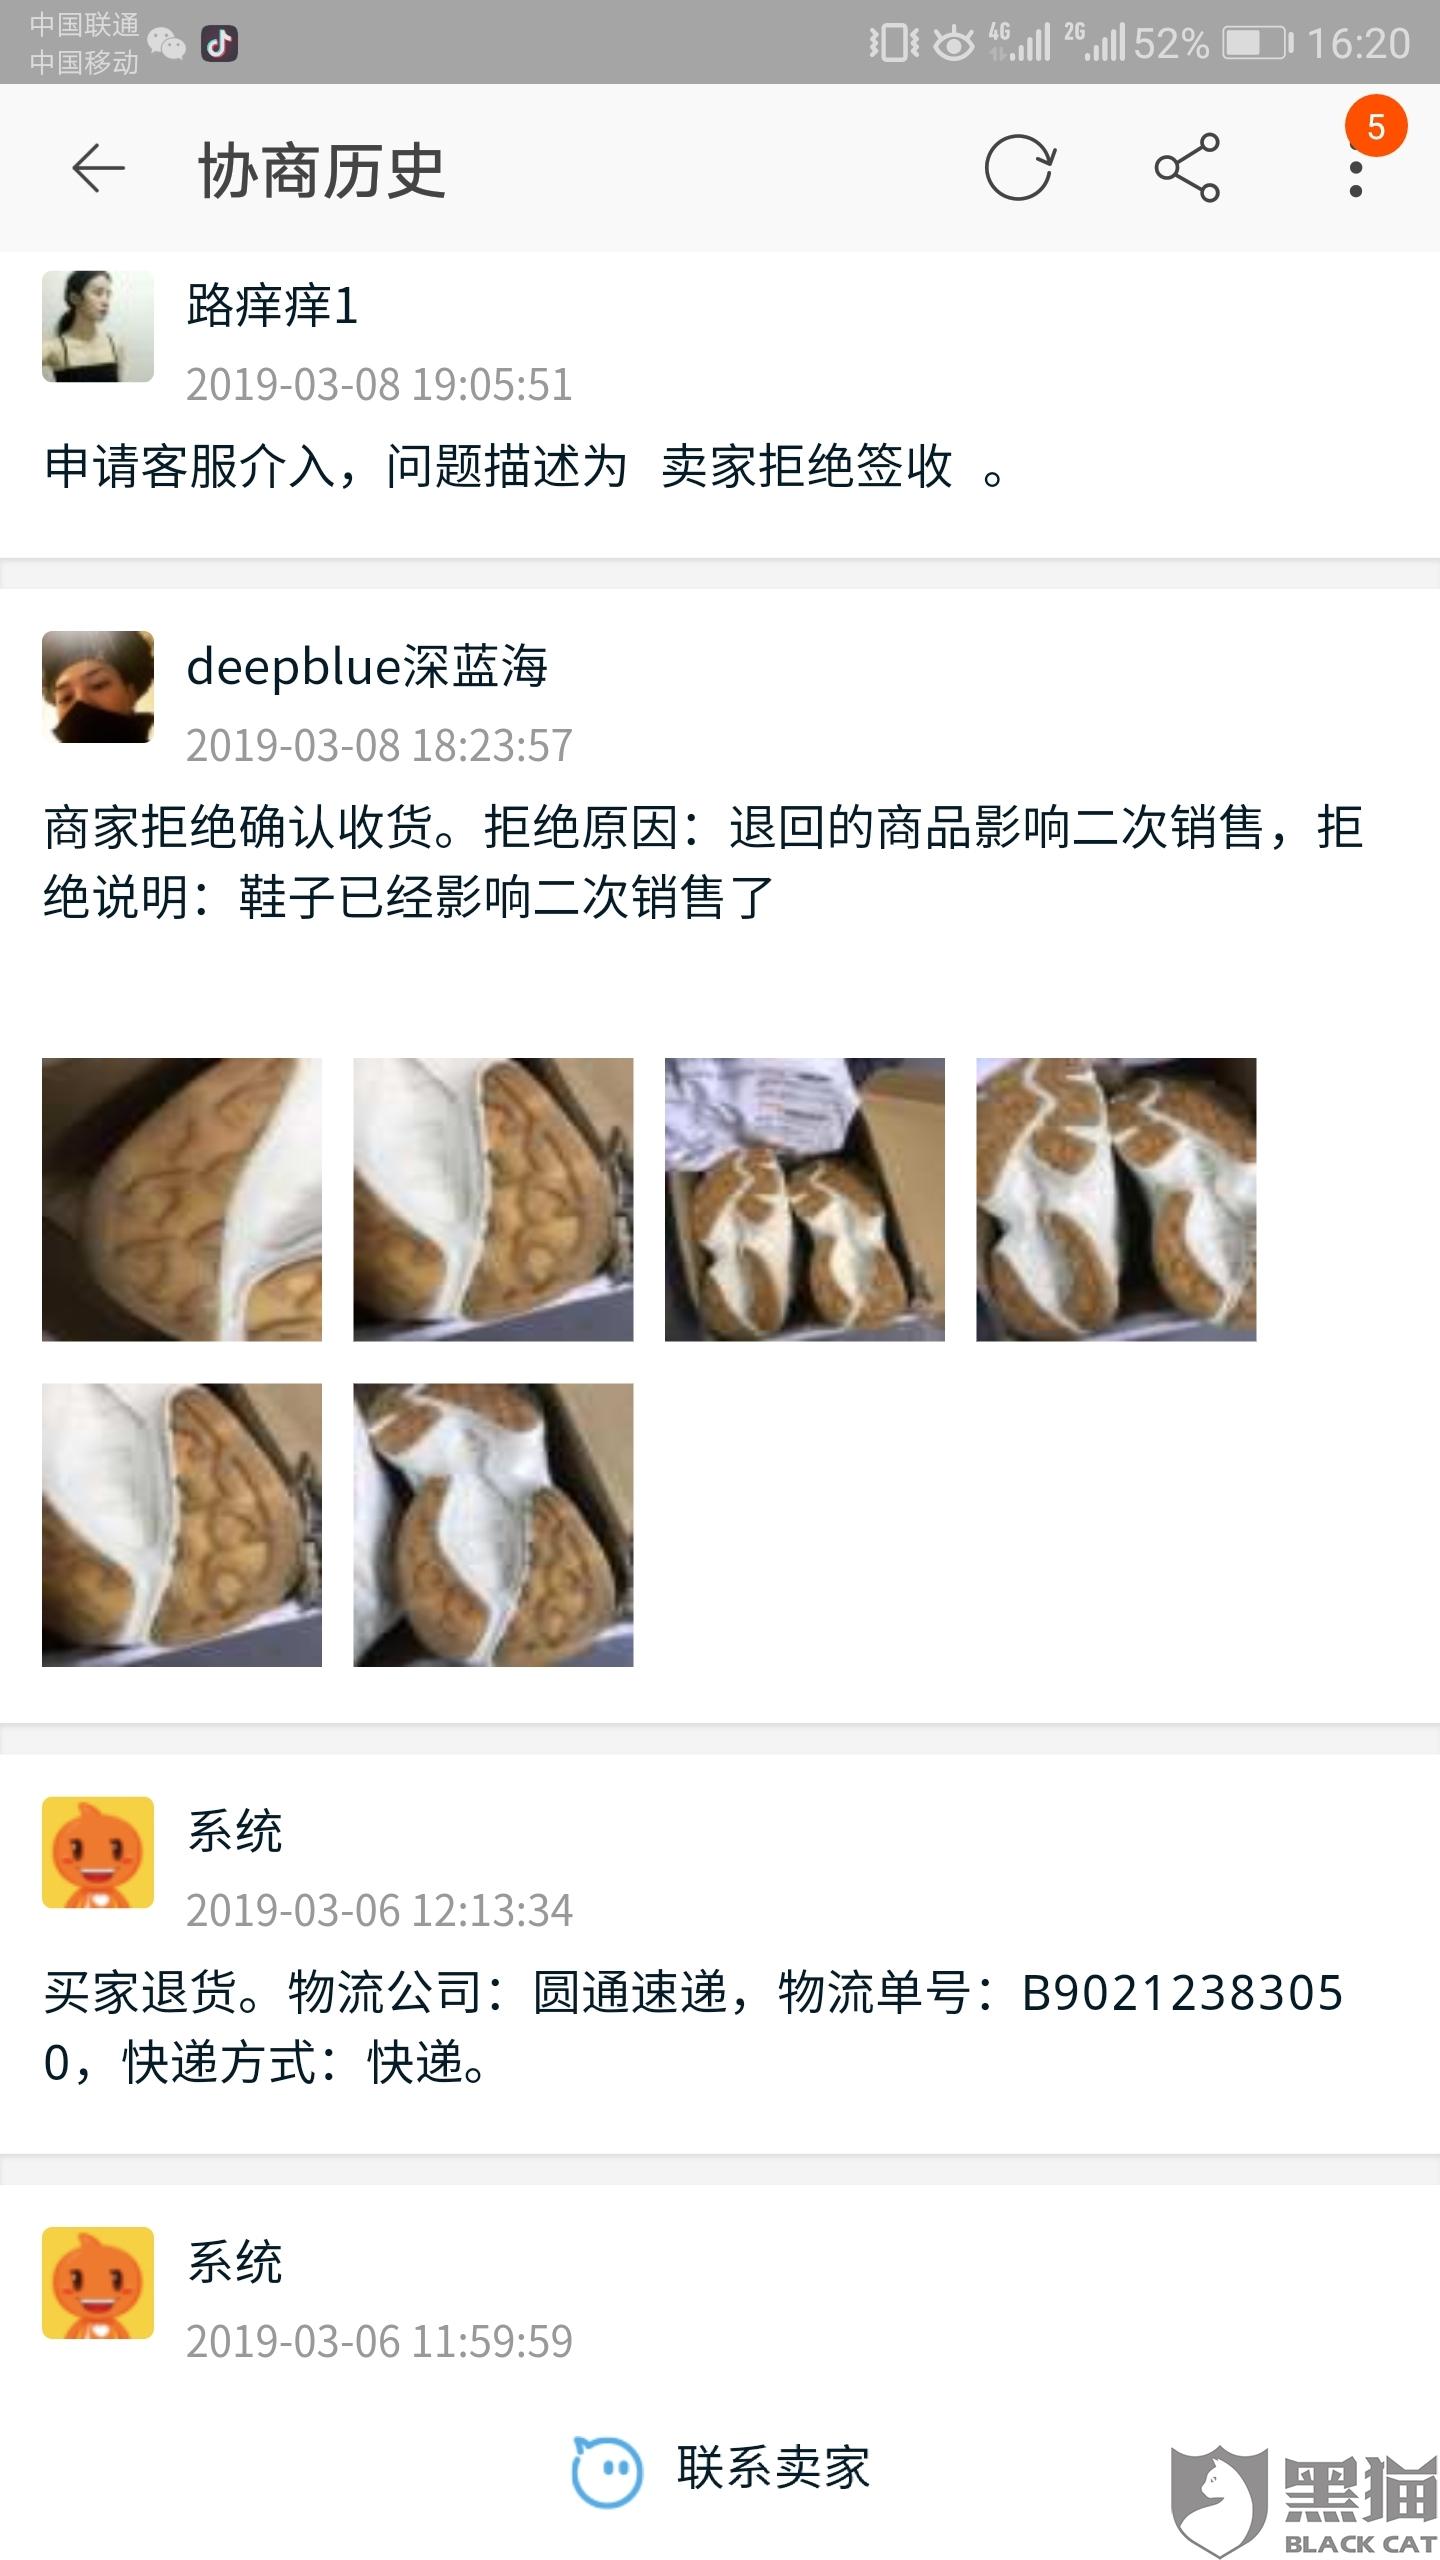 黑猫投诉:鞋子质量问题商家拒绝退款